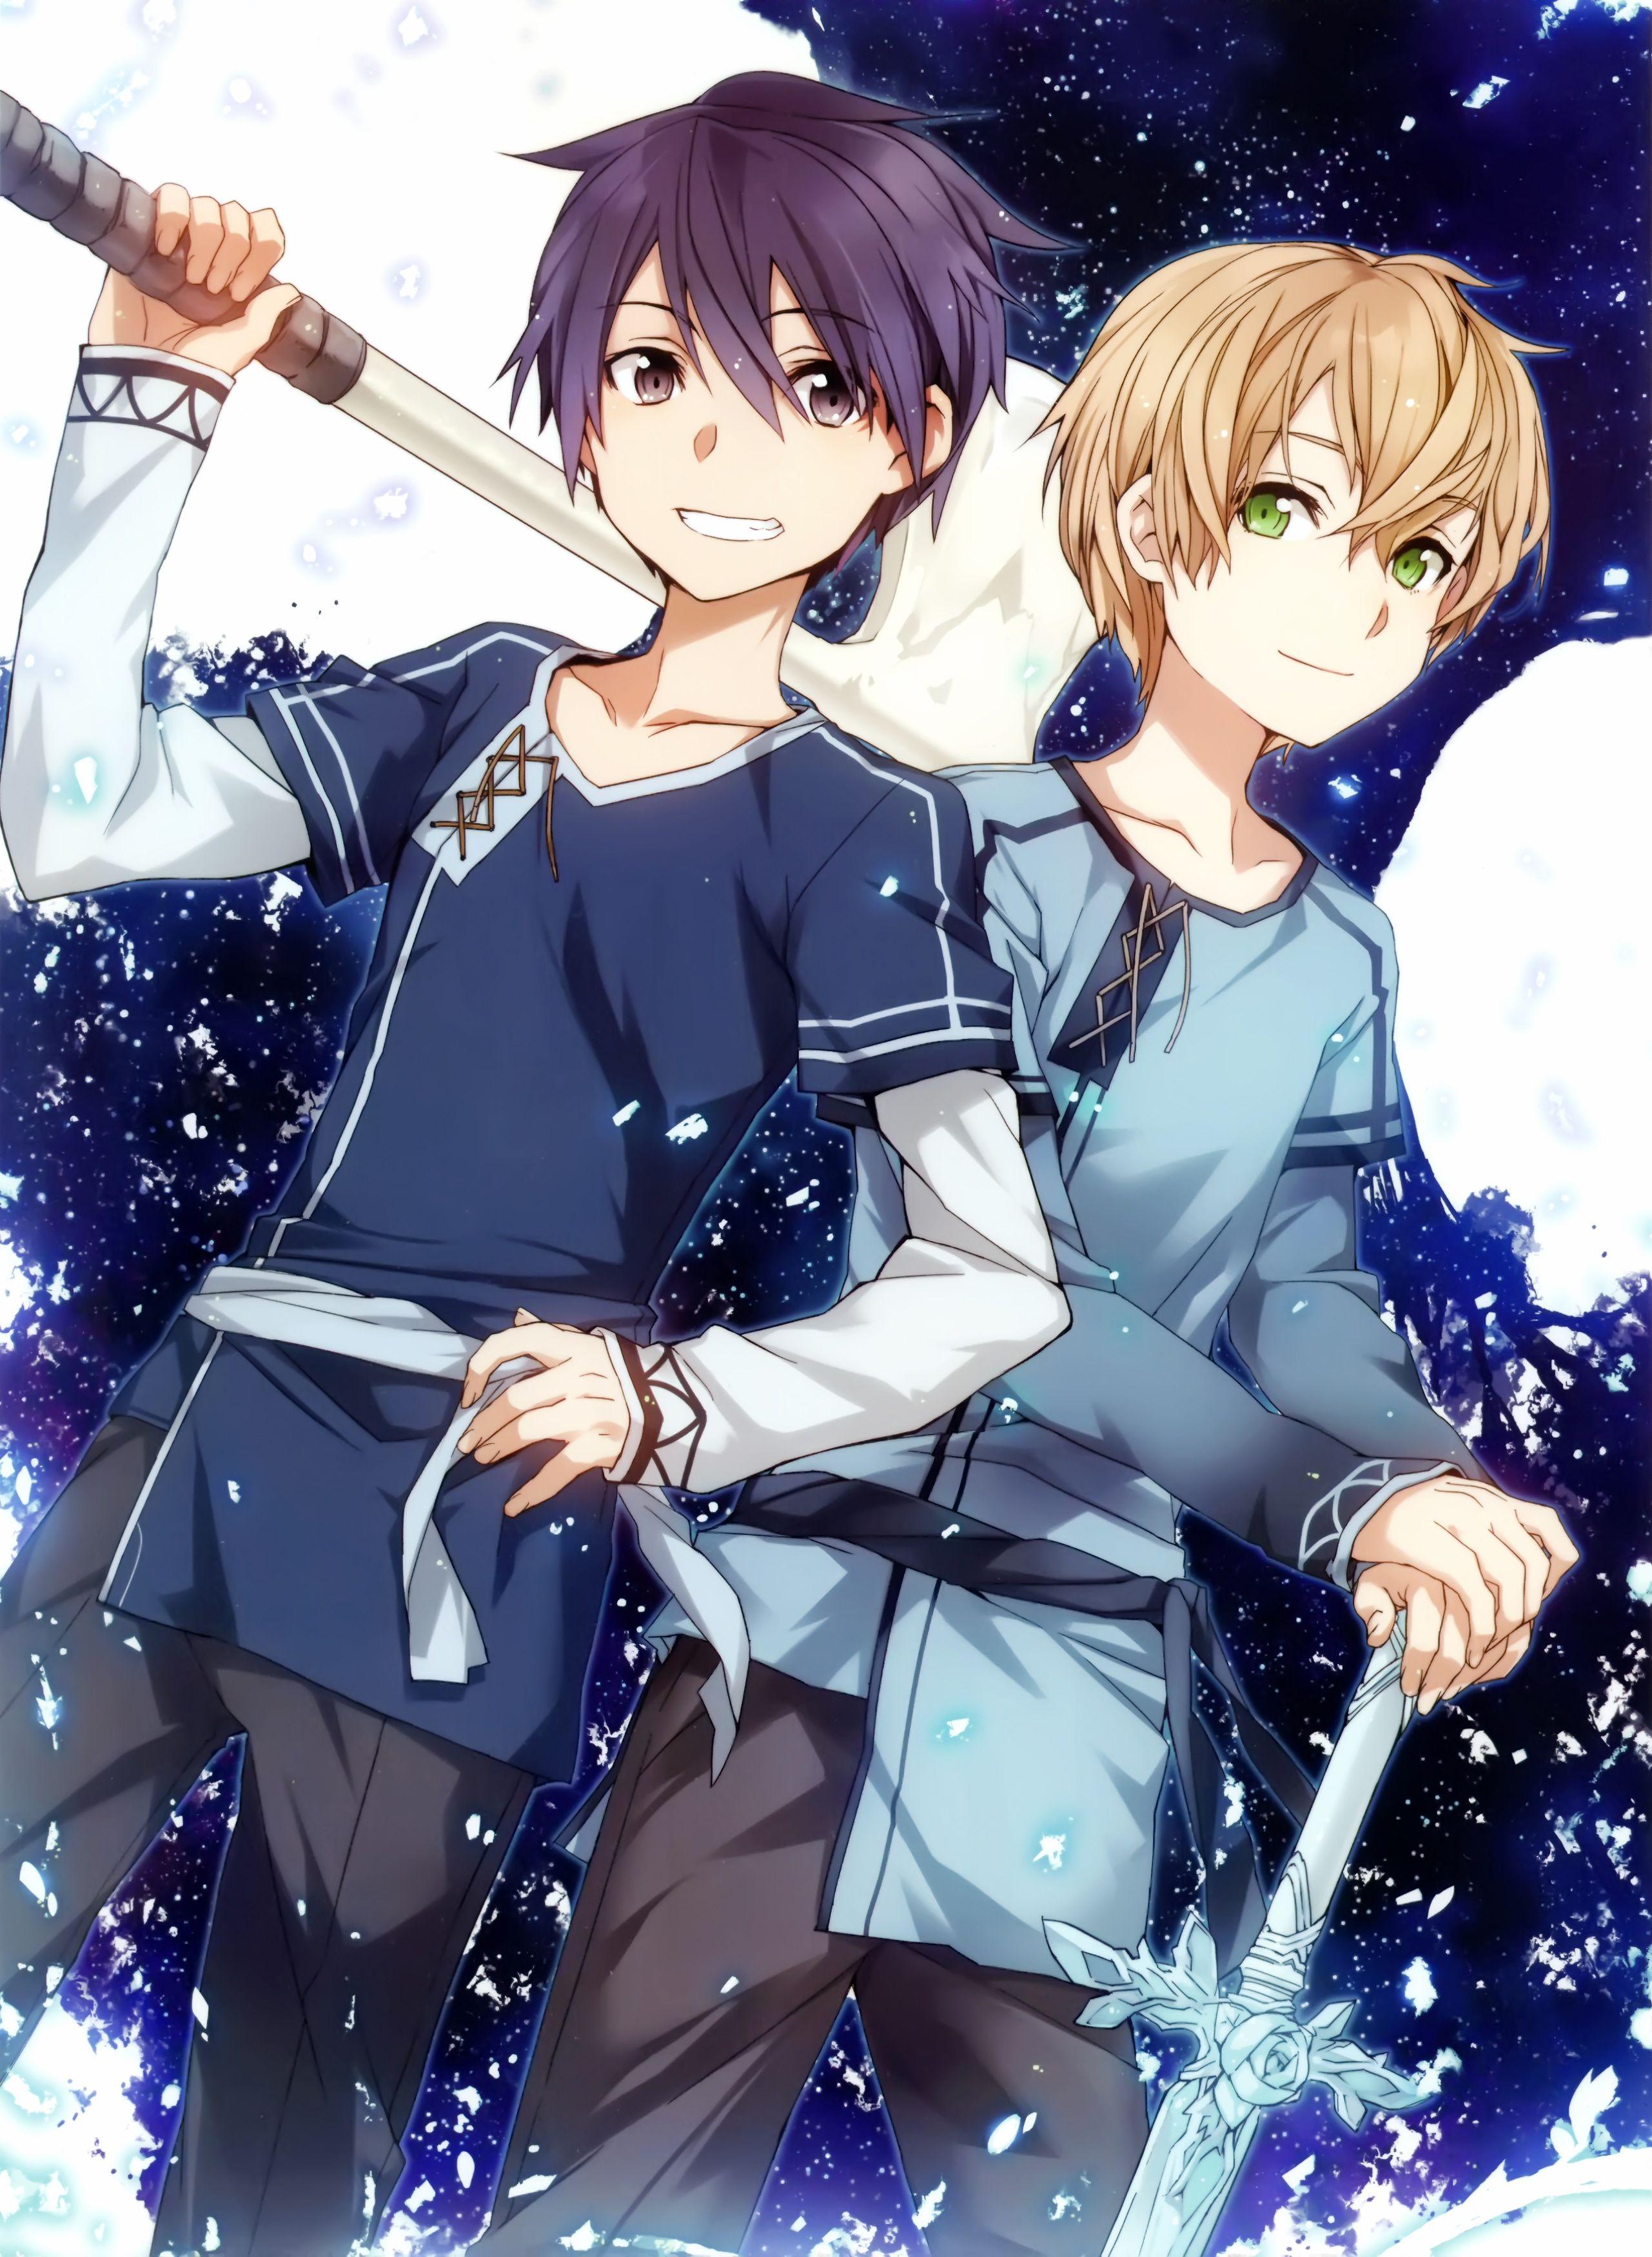 Anime couple | Sword Art Online | Pinterest